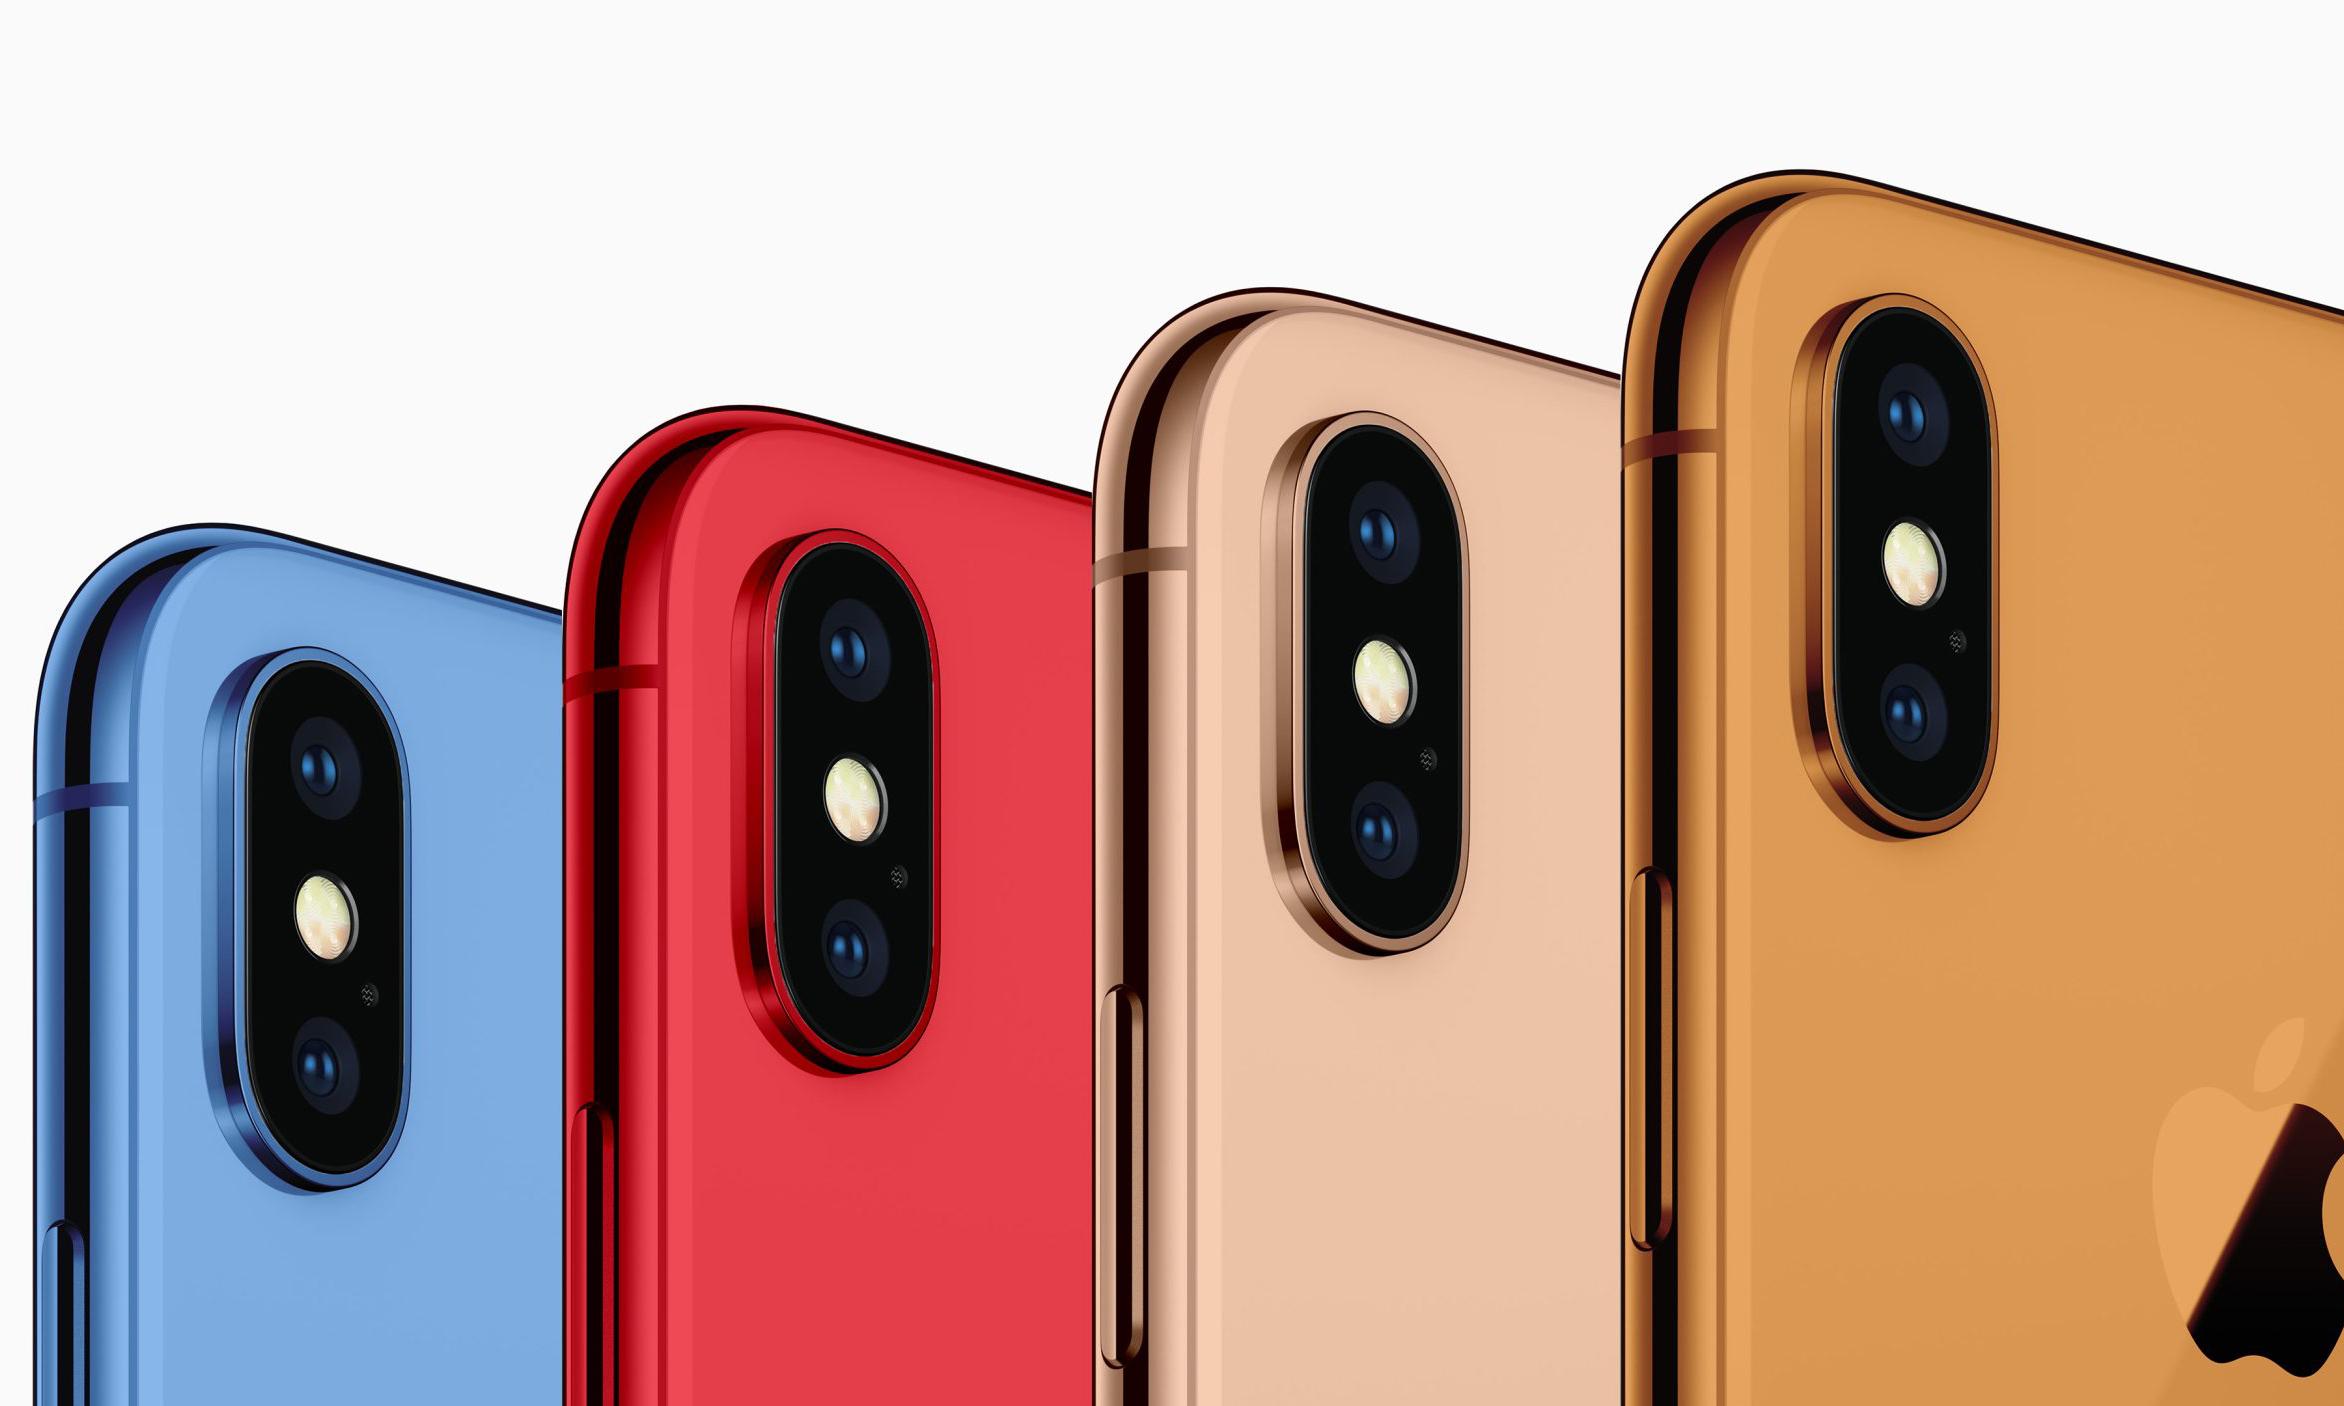 金、蓝、橘…分析师预测新 iPhone 将会有更多配色